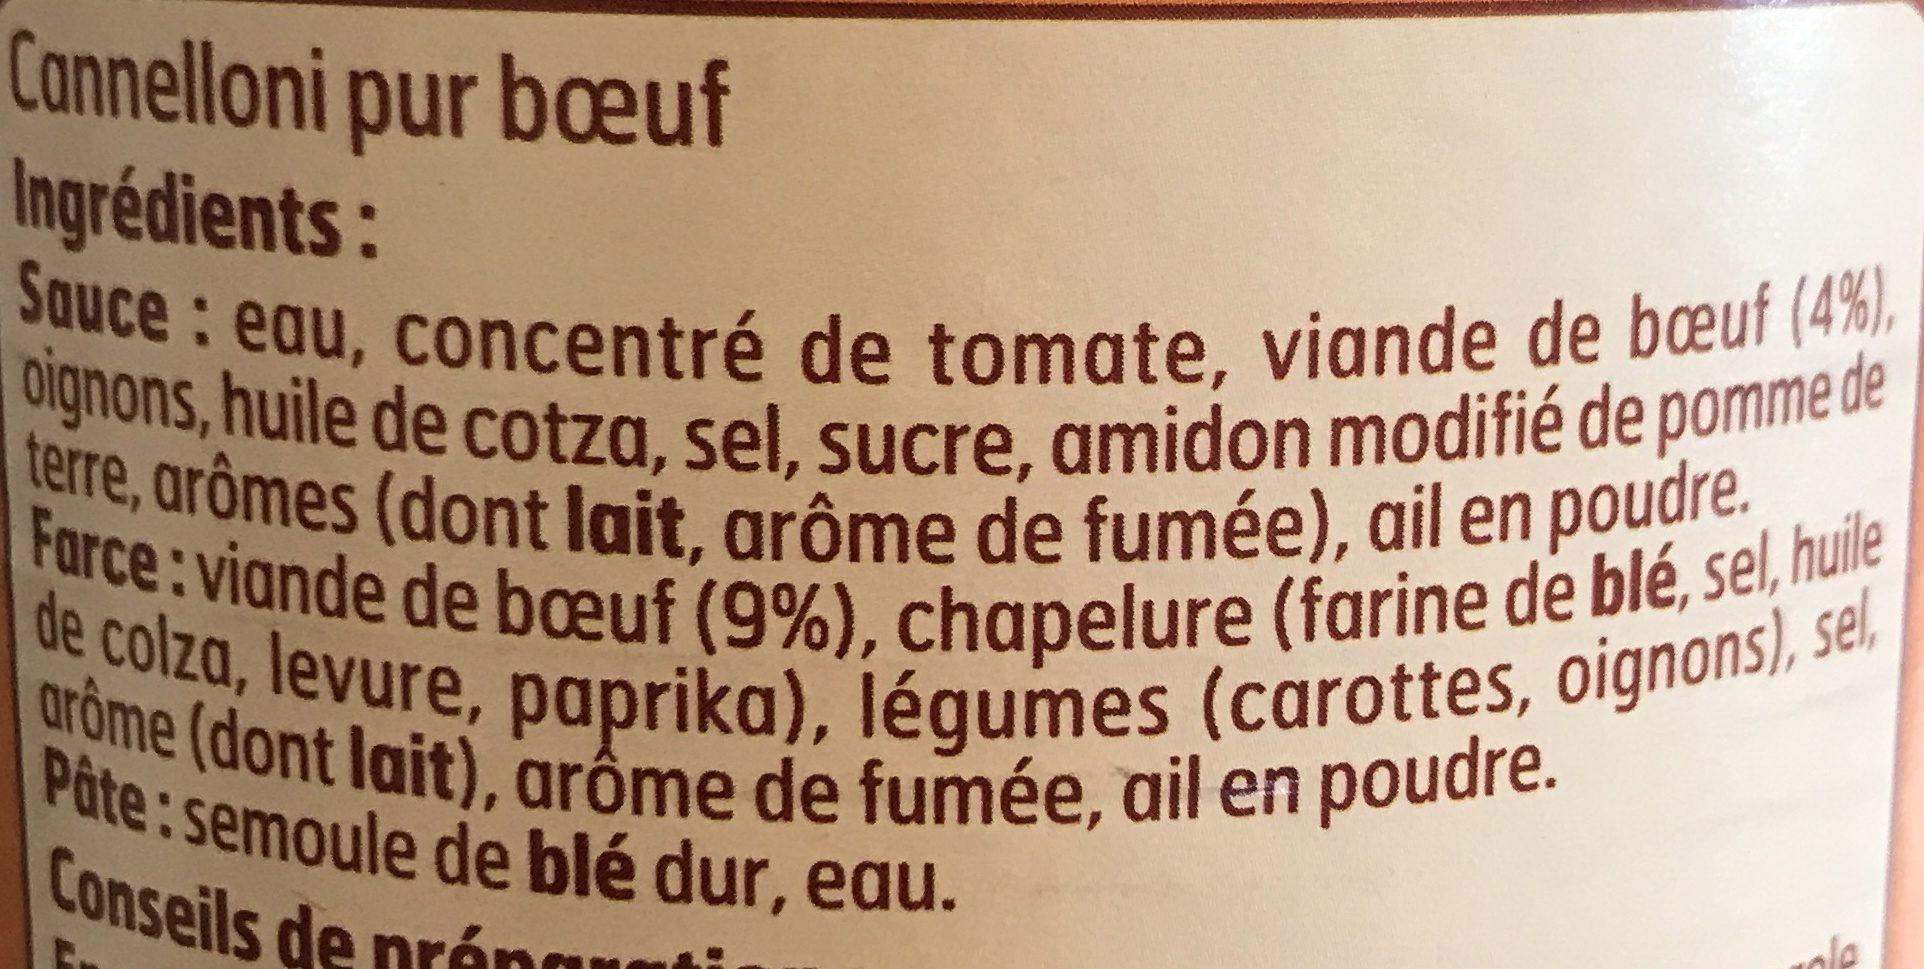 Cannelloni pur boeuf - Ingrédients - fr